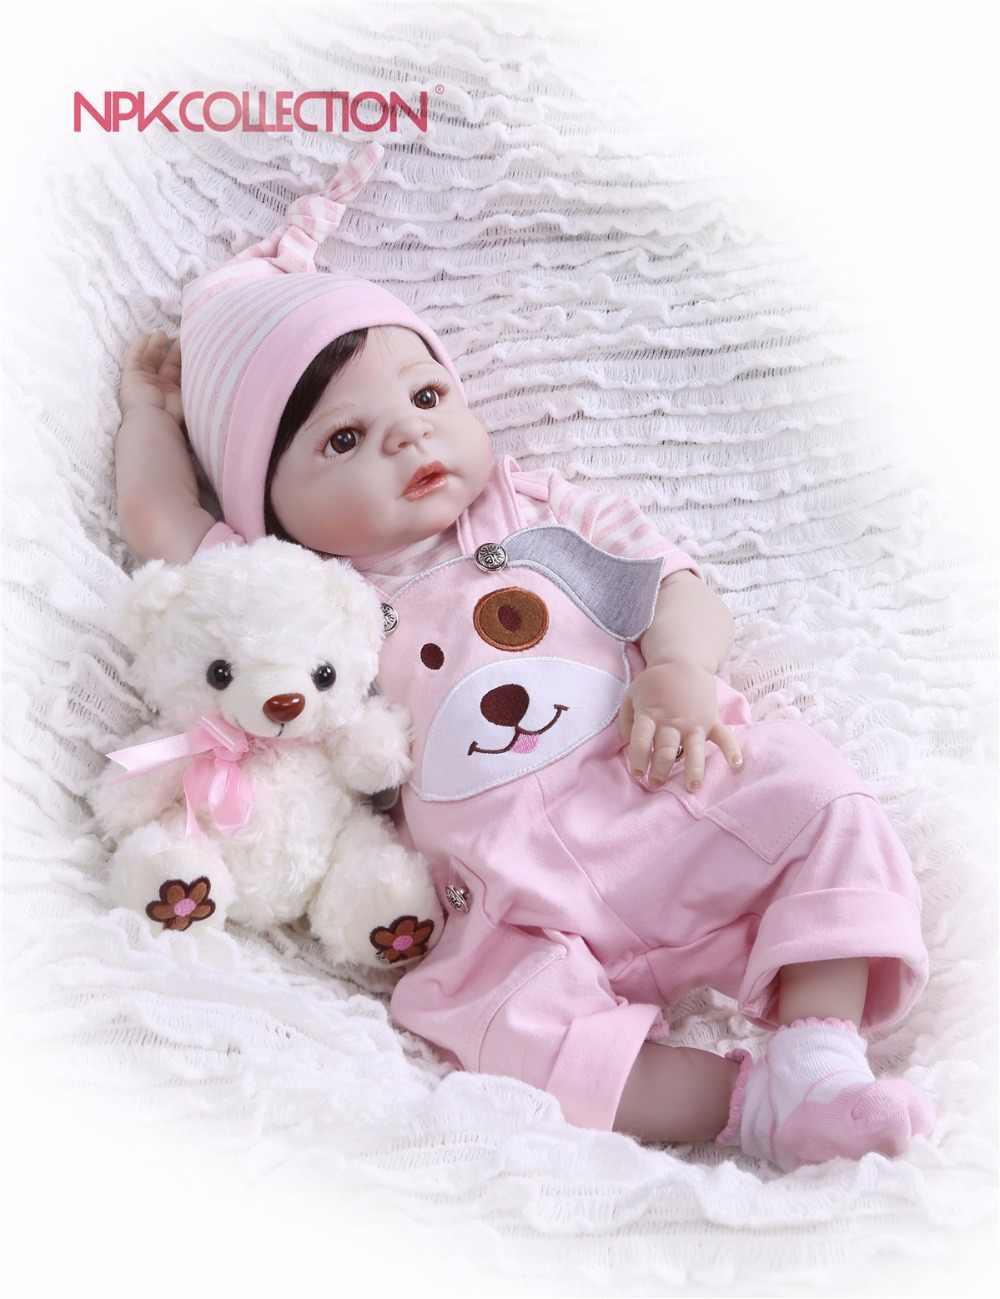 NPK Настоящее 57 см полное тело силиконовые девочка Reborn игрушечные пупсы, куклы принцесса Младенцы волосы для куклы подарок на день рождения Дети Brinquedos